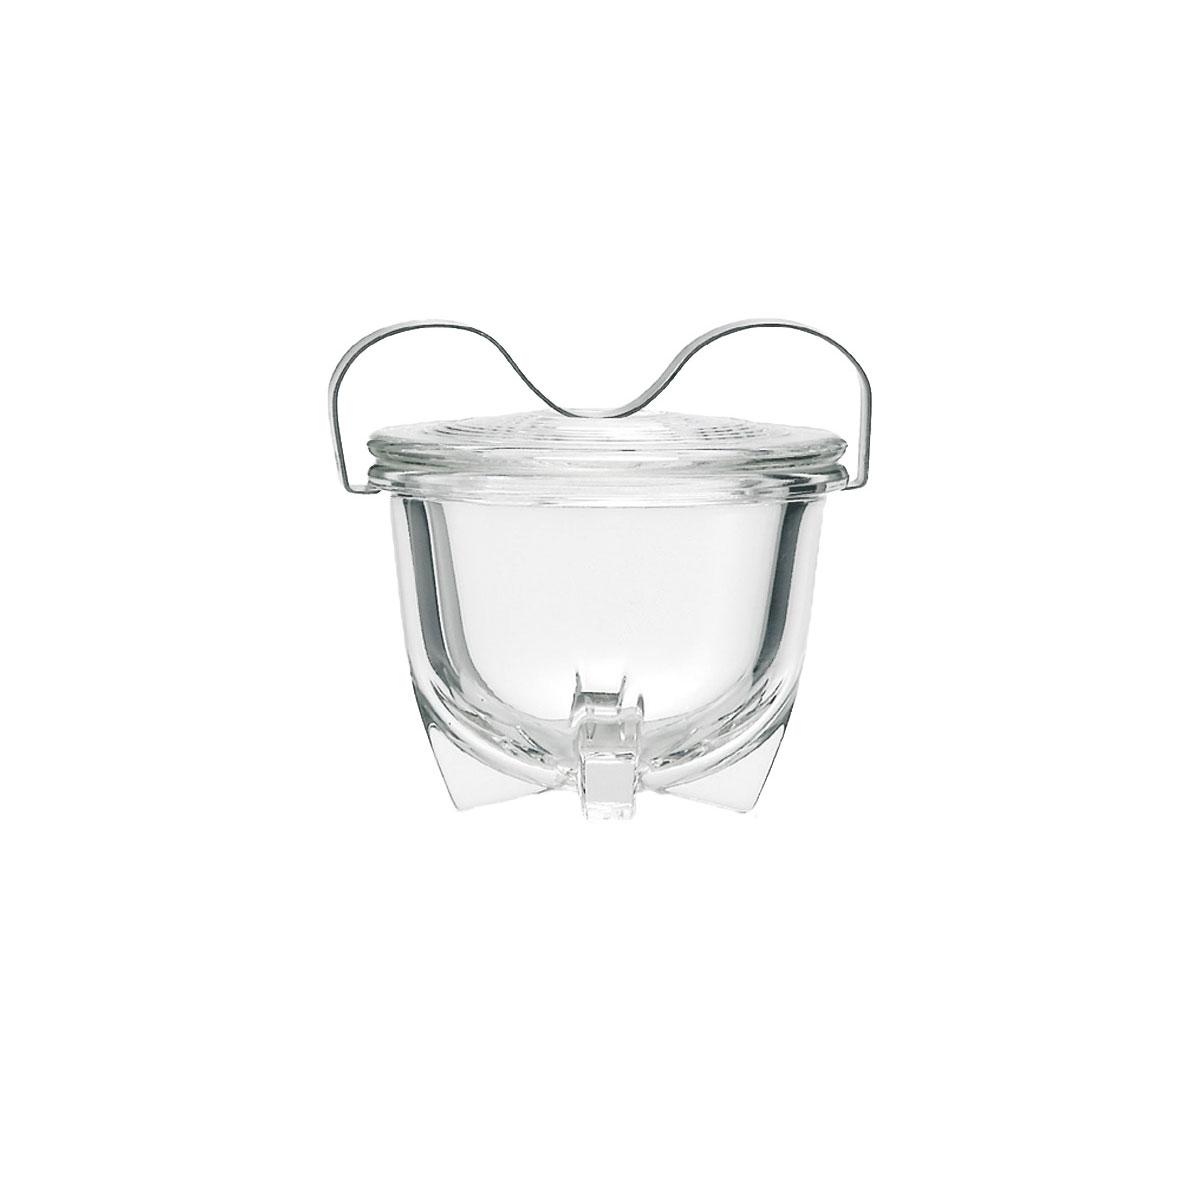 Jenaer Glas Standard Egg Coddler